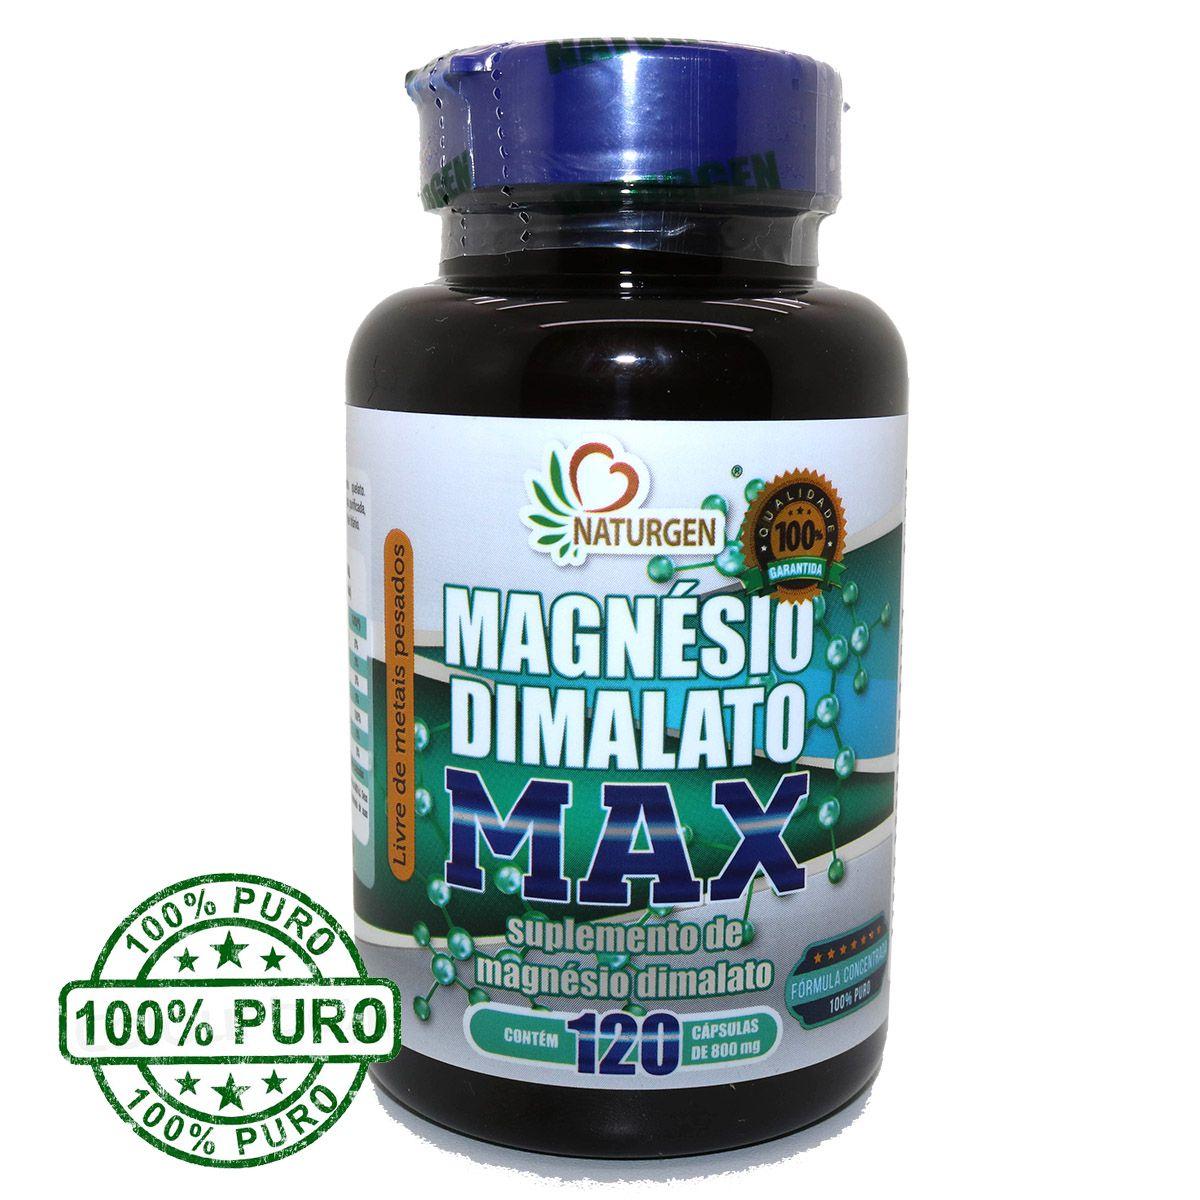 3 Magnesio Dimalato Puro 800mg (120 Caps) + 1 Oleo De Coco